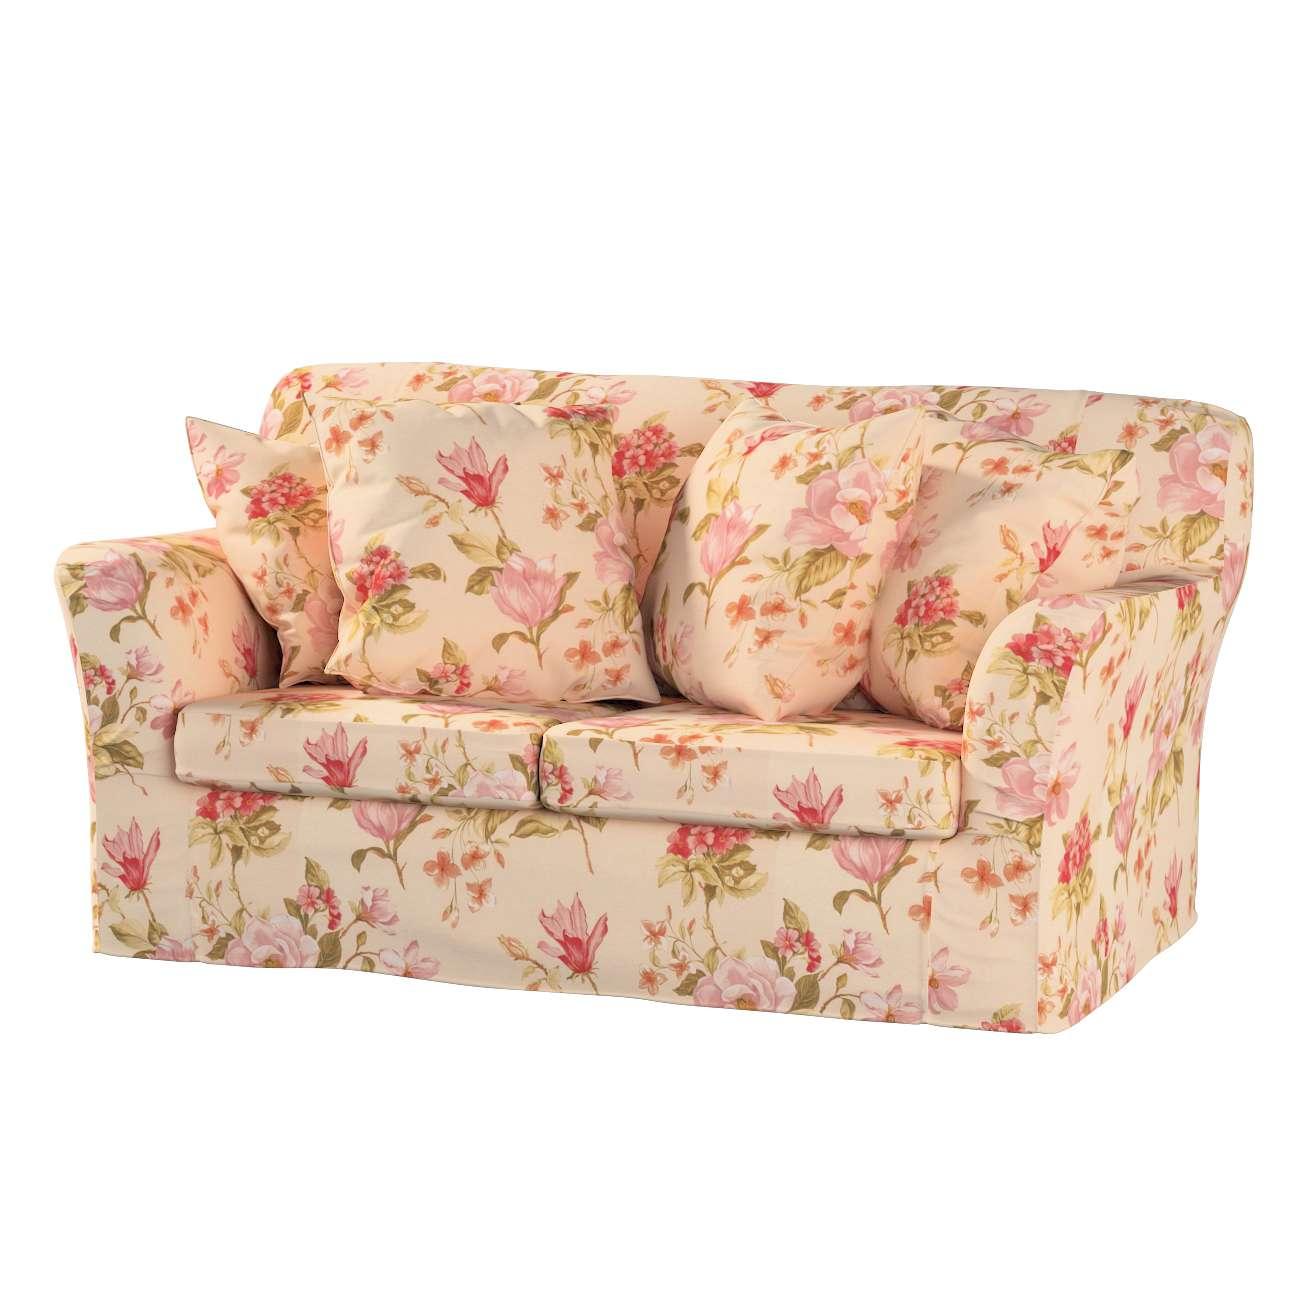 Pokrowiec na sofę Tomelilla 2-osobową nierozkładaną Sofa Tomelilla 2-osobowa w kolekcji Londres, tkanina: 123-05